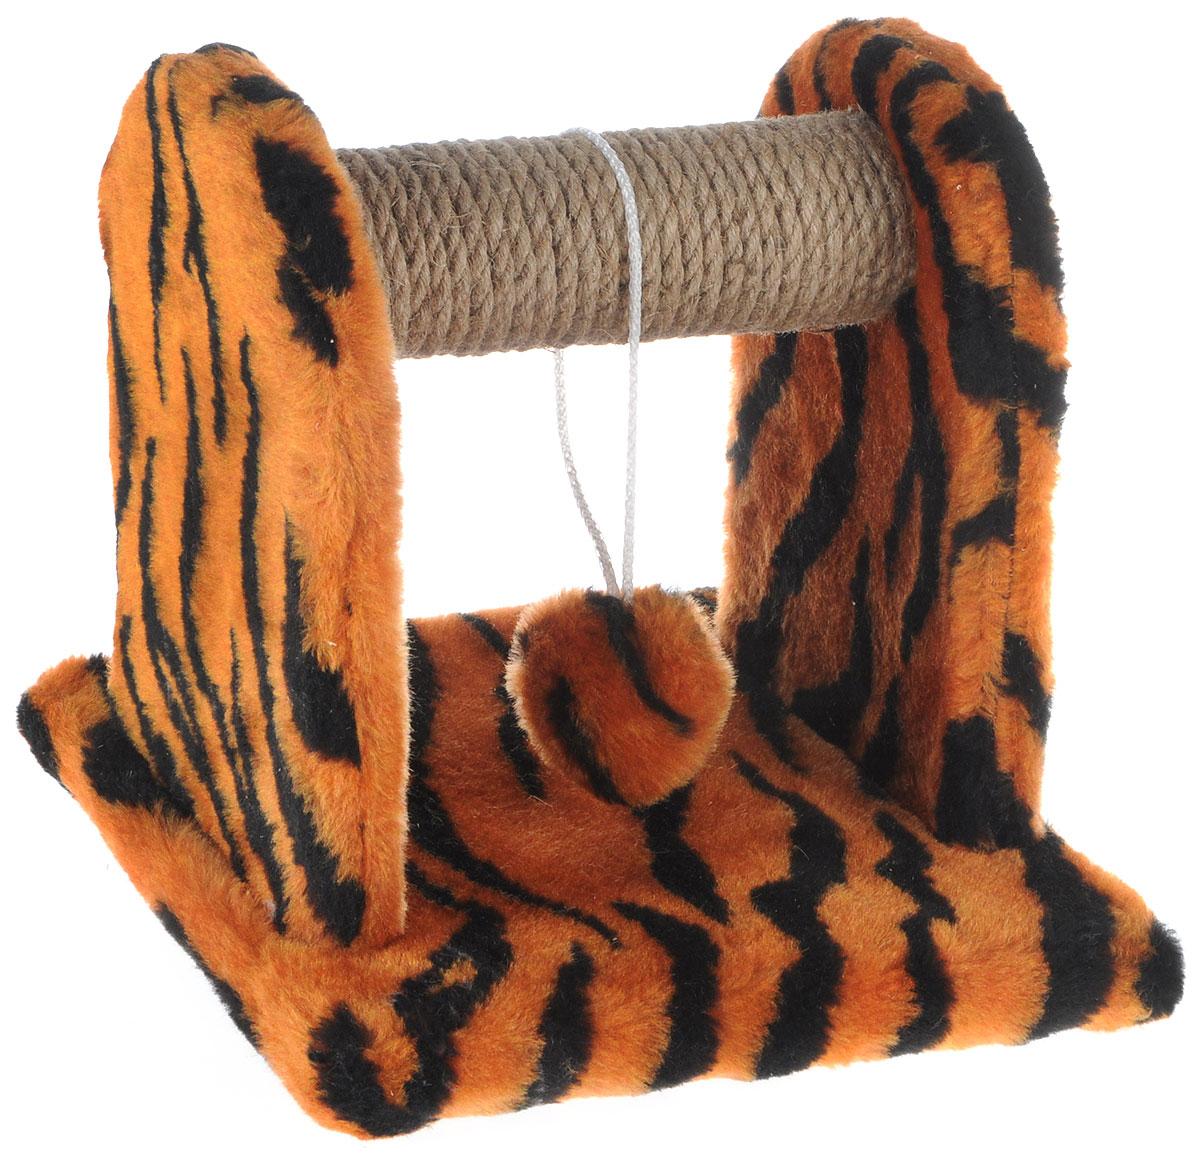 Когтеточка для котят Меридиан  Тигровая , с игрушкой, 26 х 26 х 26 см - Когтеточки и игровые комплексы